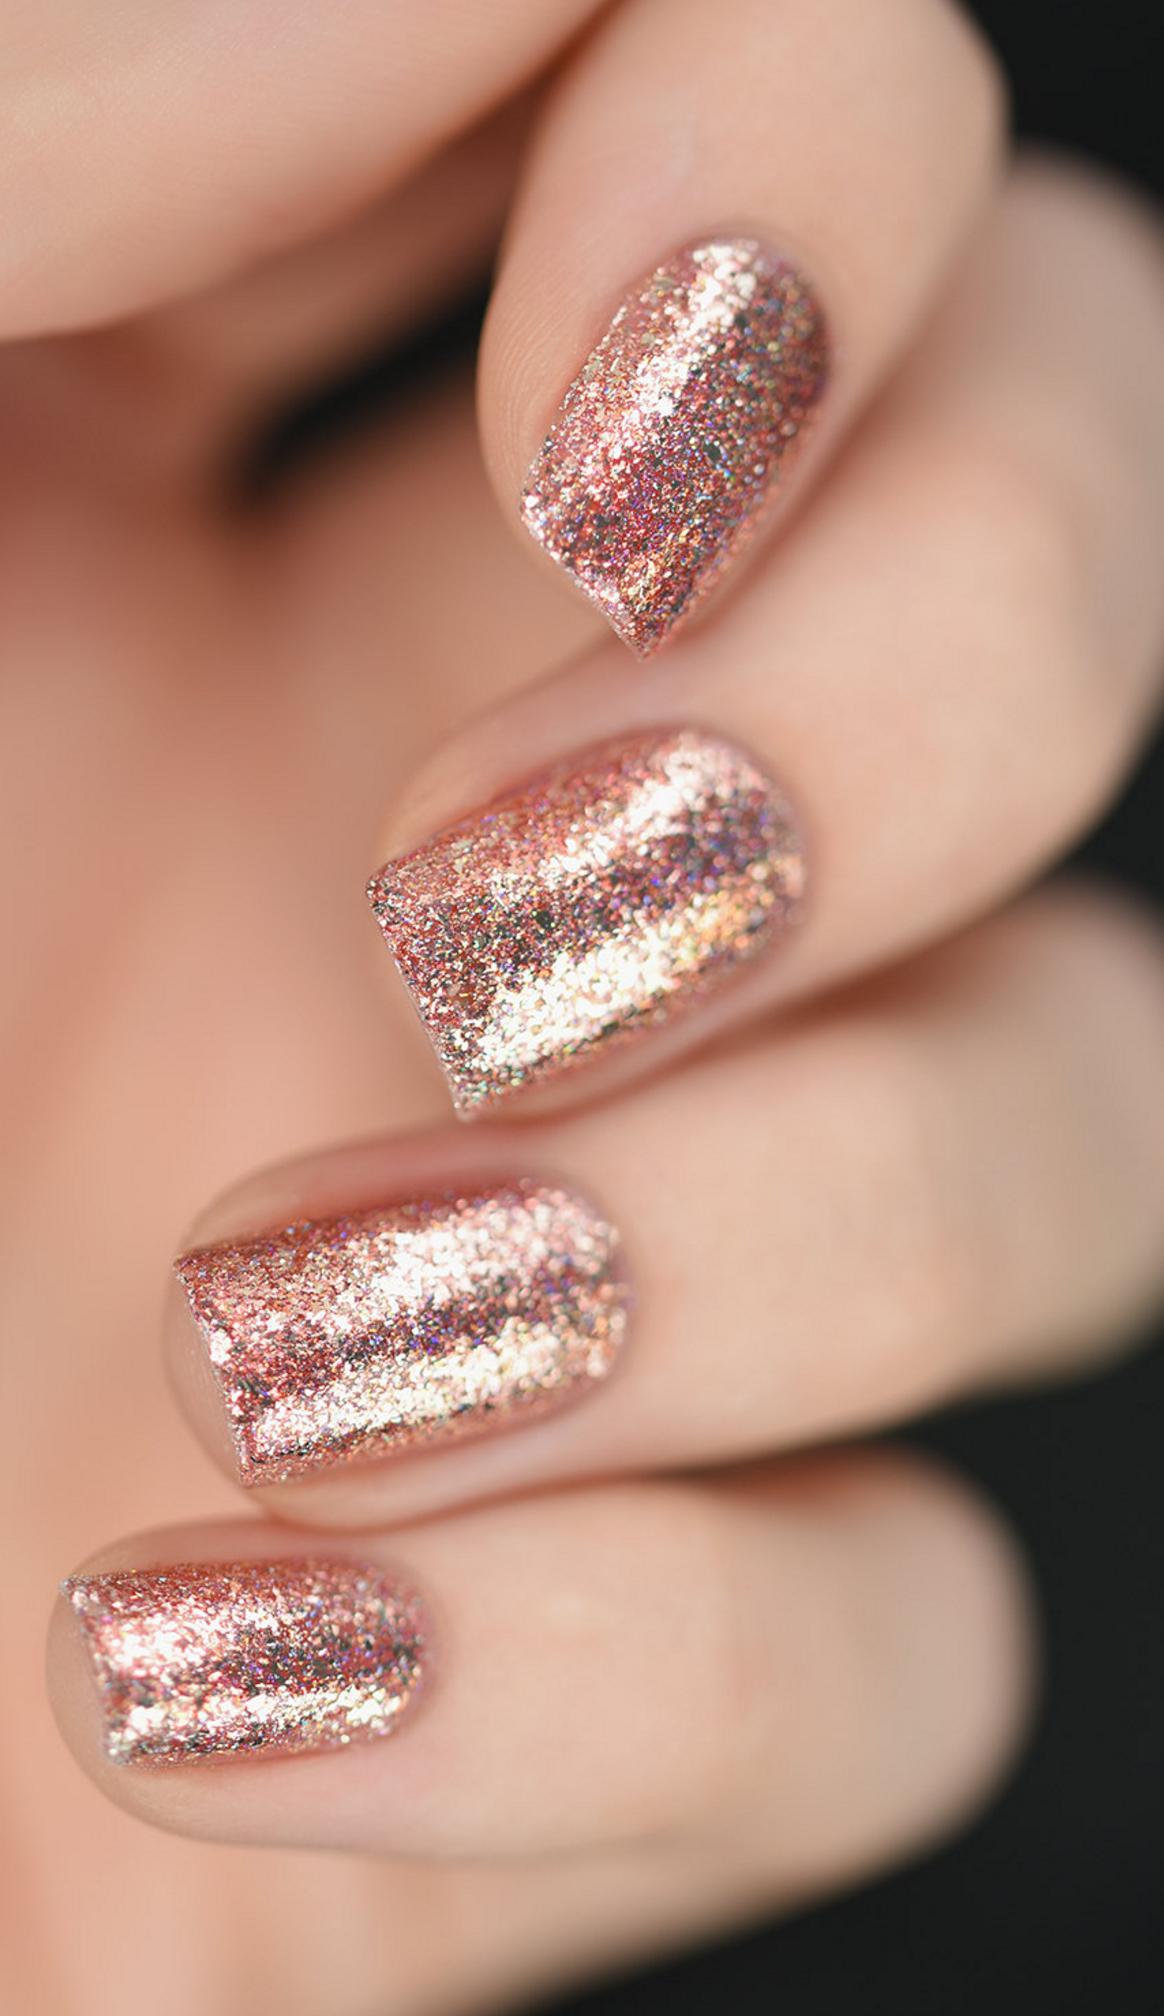 Rose Gold Gel Nail Polish : polish, Holographic, Polish, Nails,, Glittery, Nails